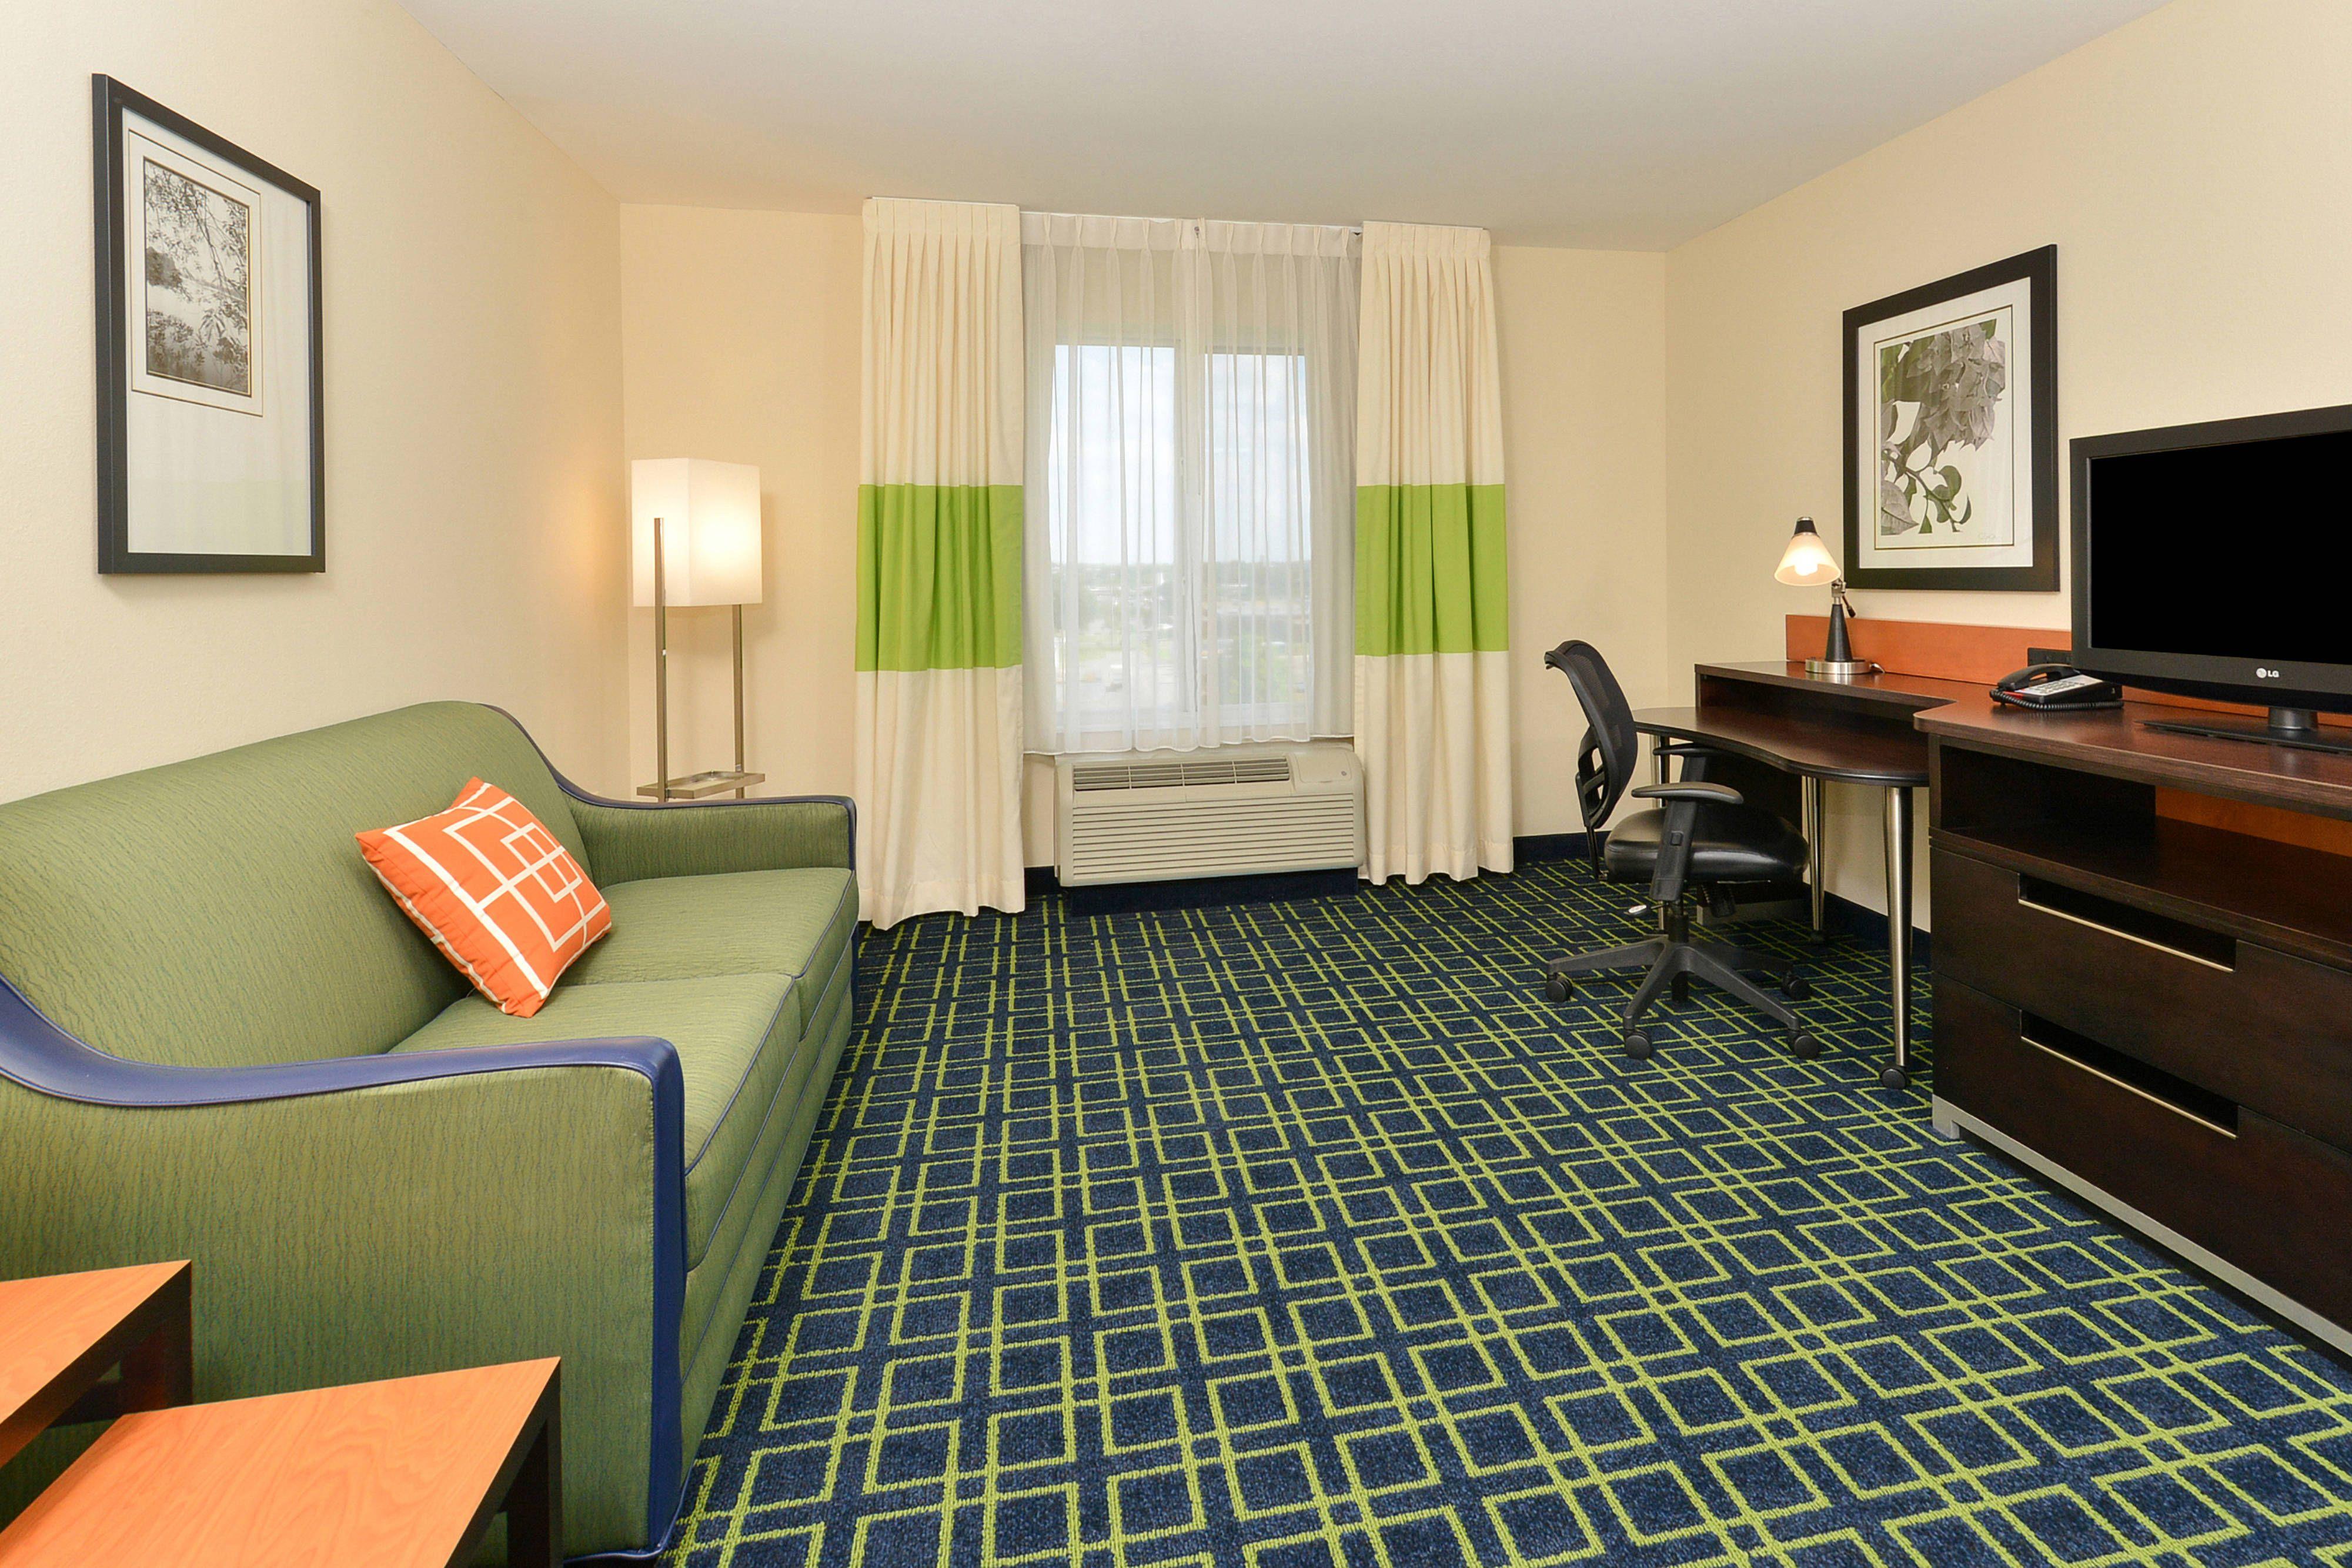 Fairfield Inn Fairfield inn, Suites, Inn